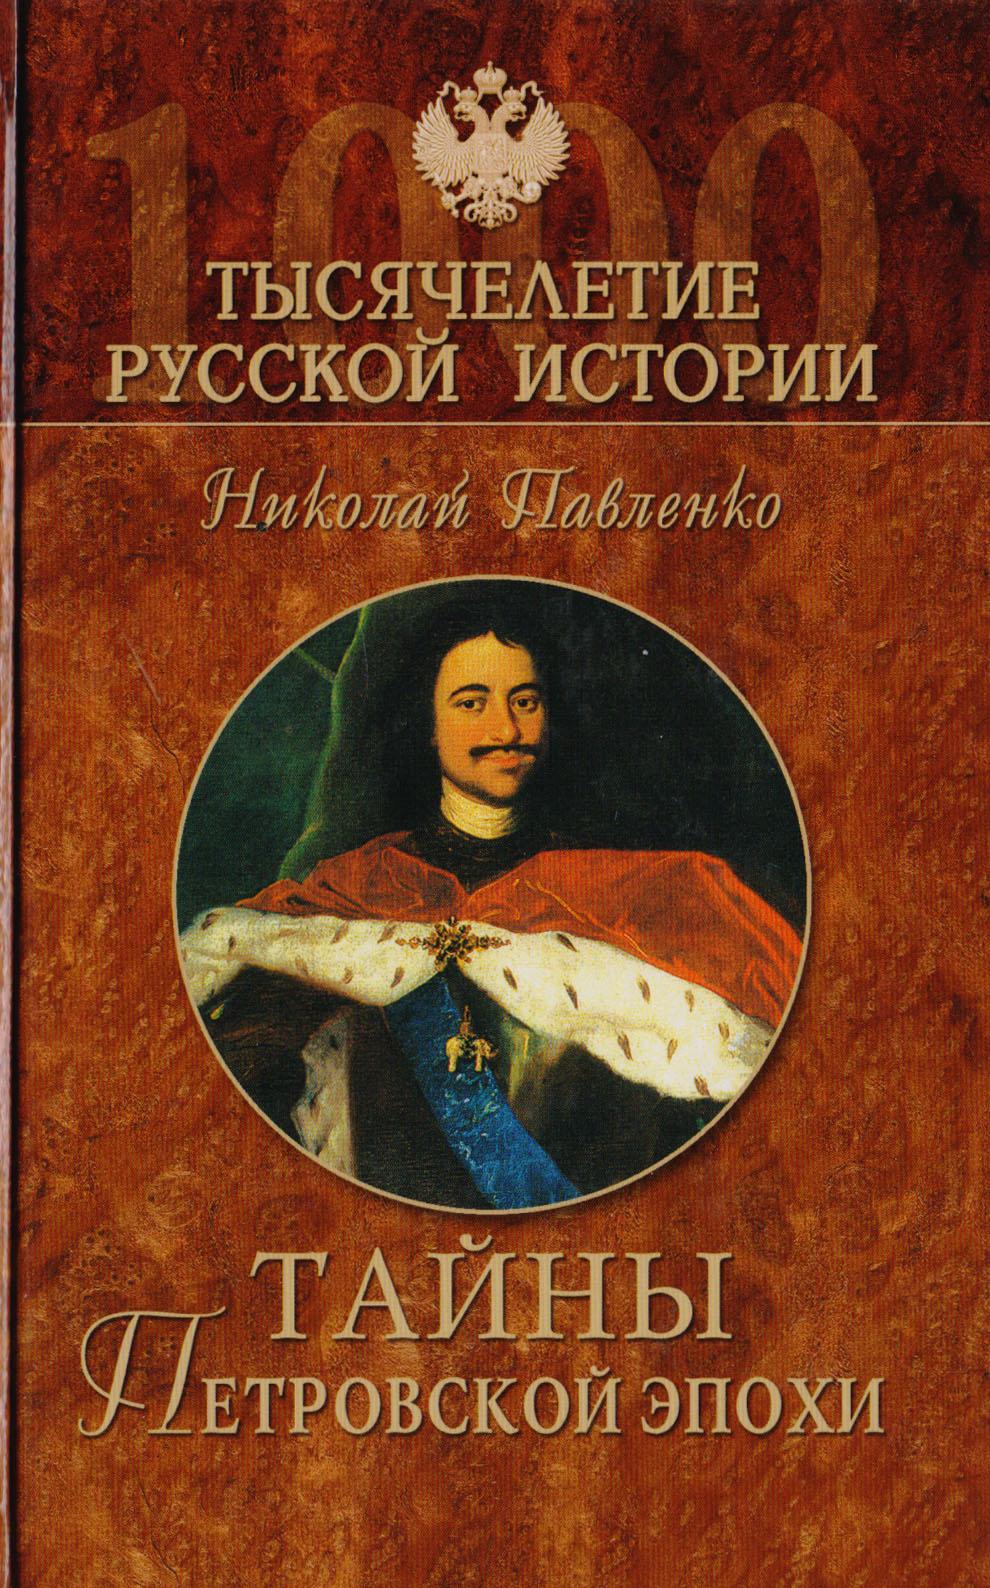 Павленко Н. И. Тайны Петровской эпохи